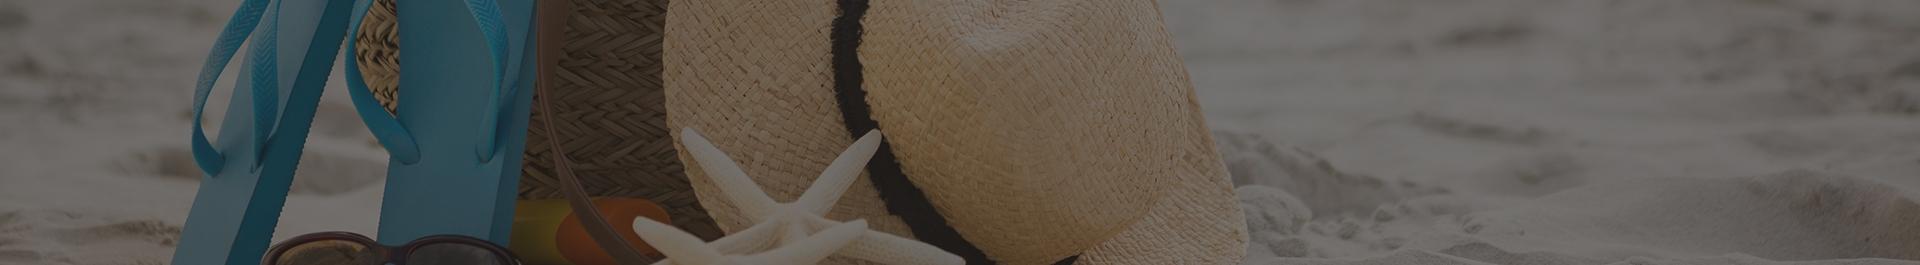 Σαγιονάρες - Τσόκαρα